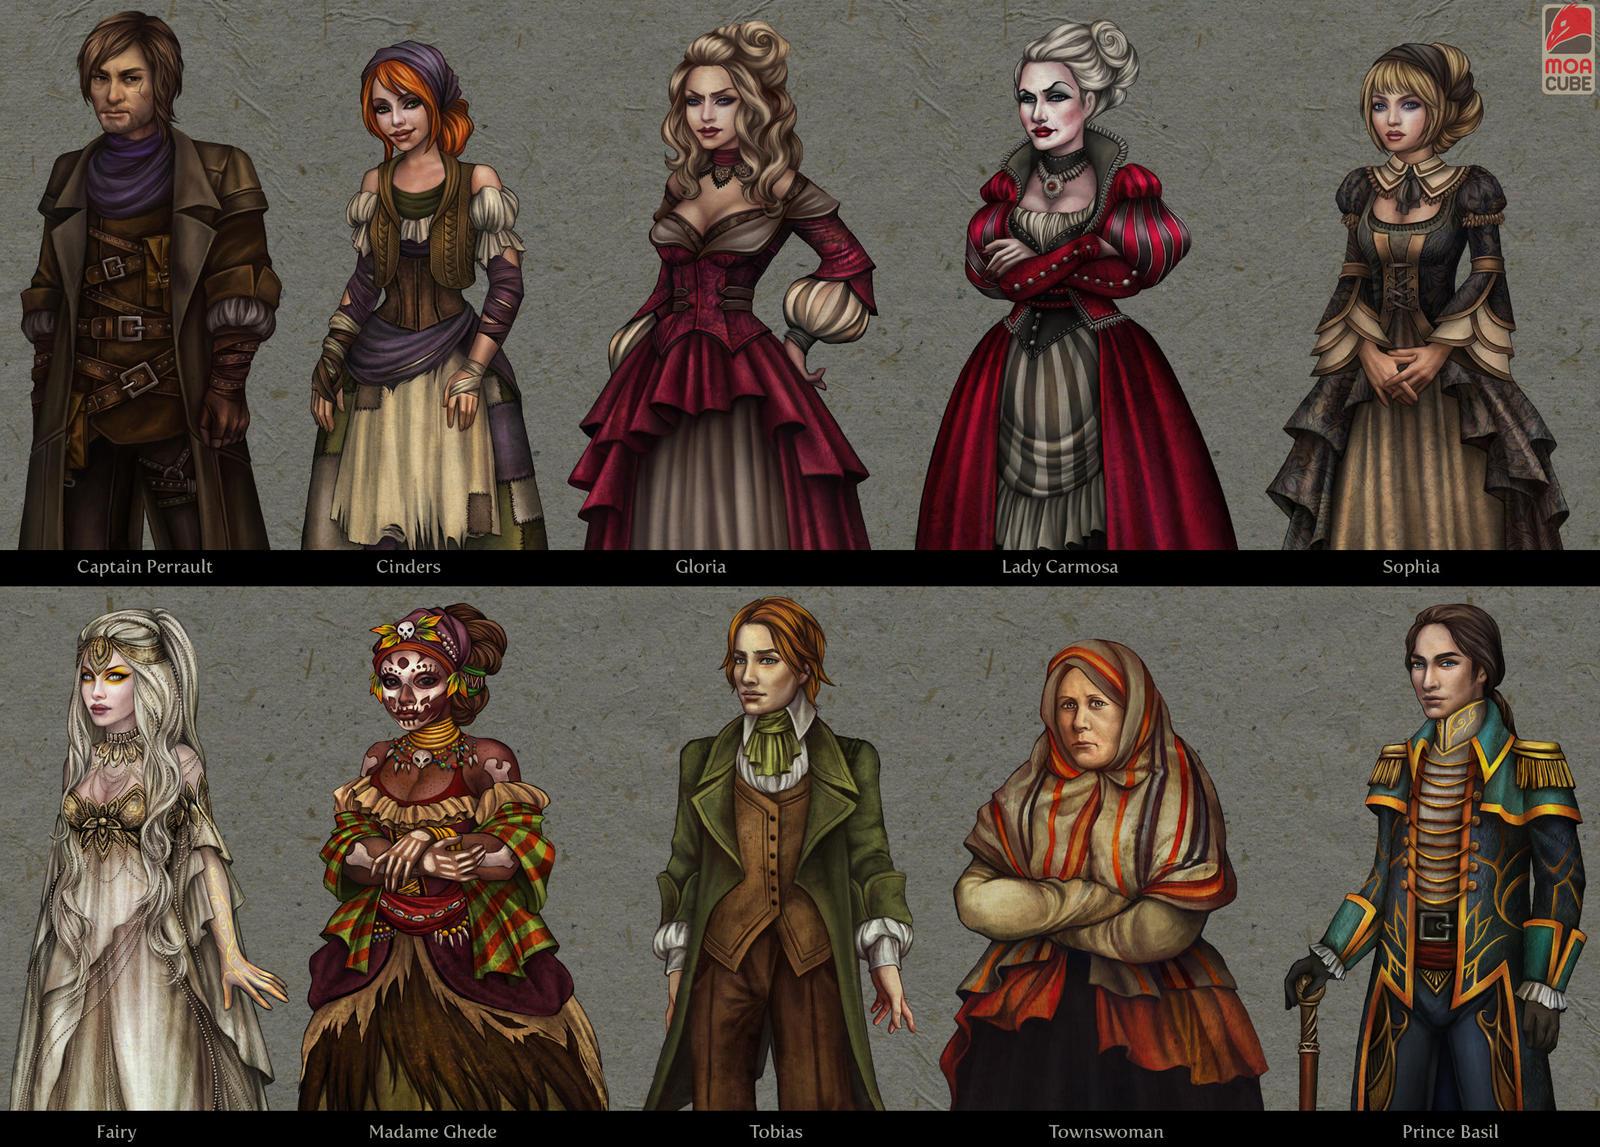 Cinders - characters by vinegar